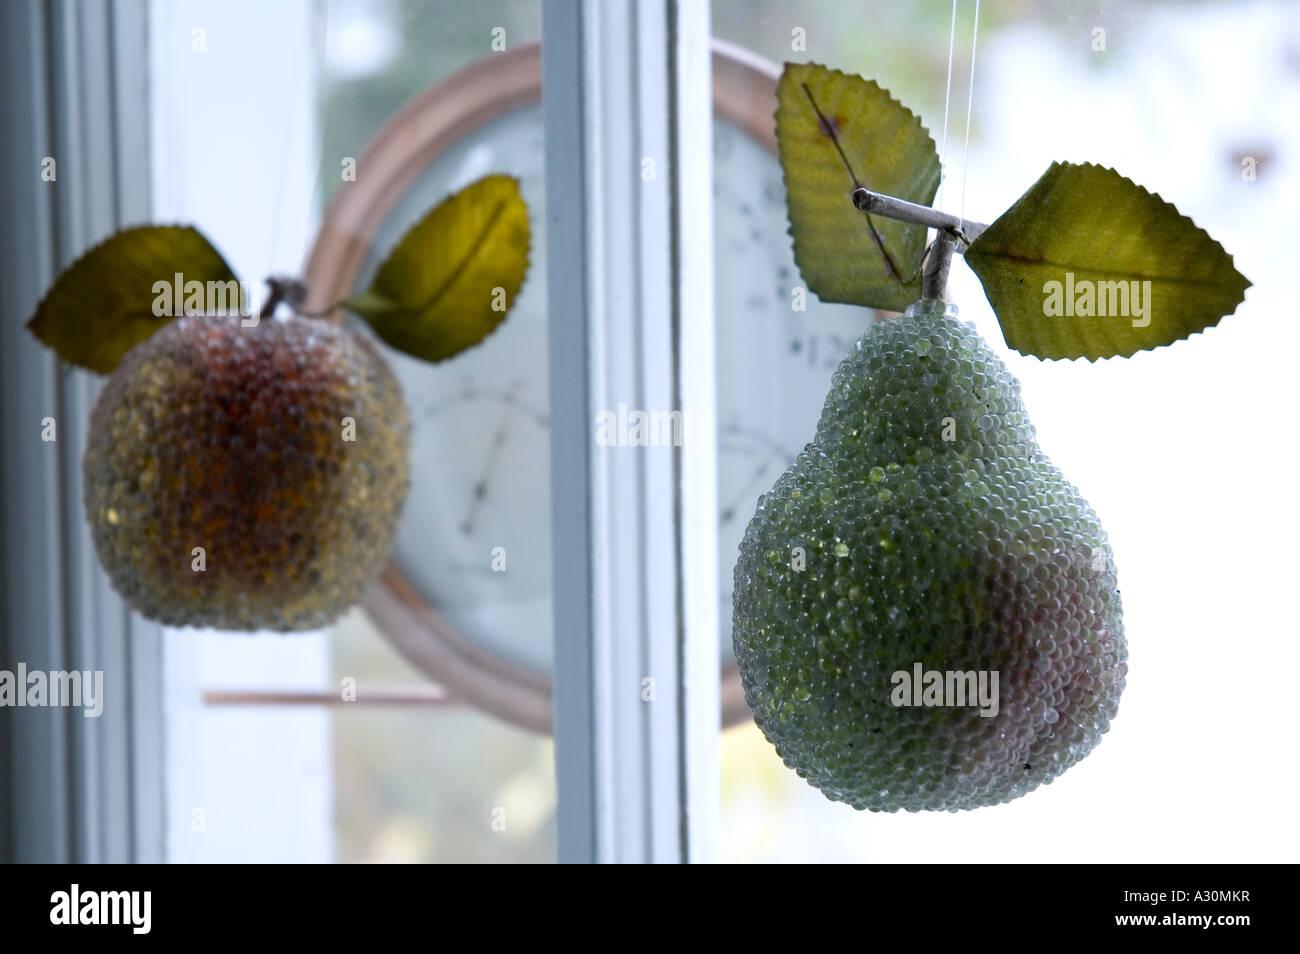 Décoration de Noël fruits cristal suspendu dans la fenêtre Photo Stock